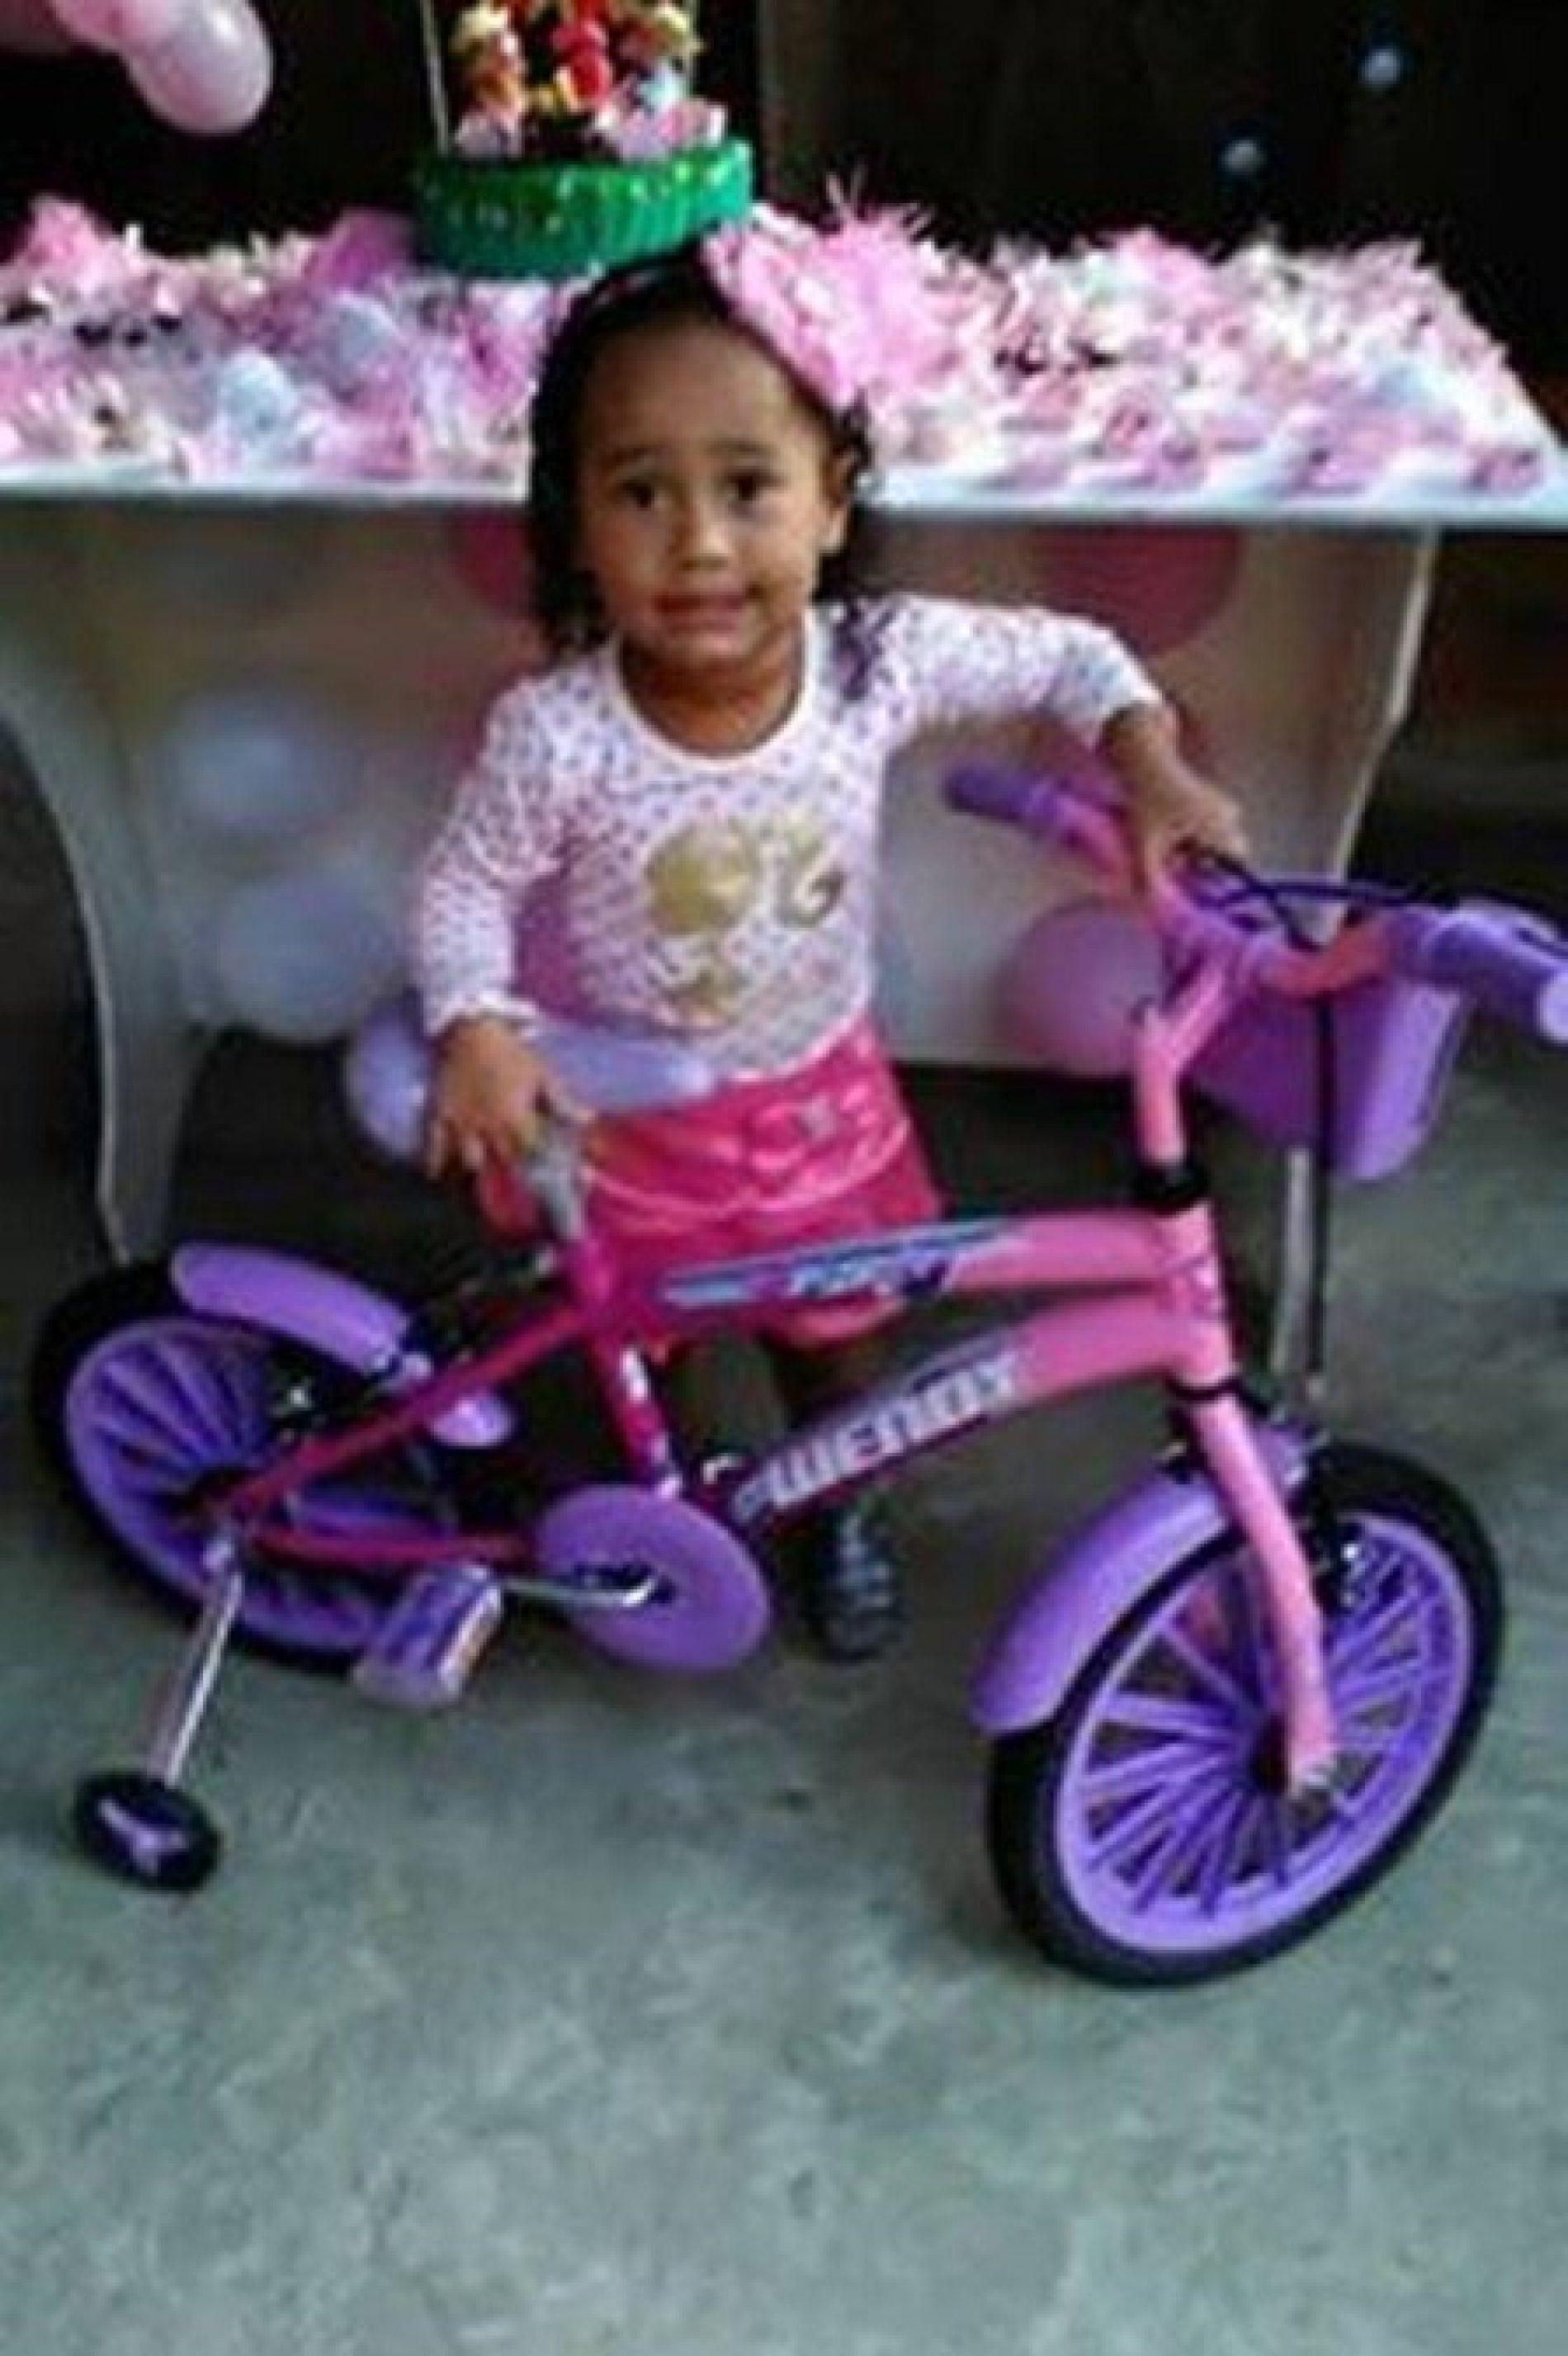 TRAGÉDIA FAMILIAR: Criança de 3 anos morre em tentativa de assalto; pai e mãe são baleados